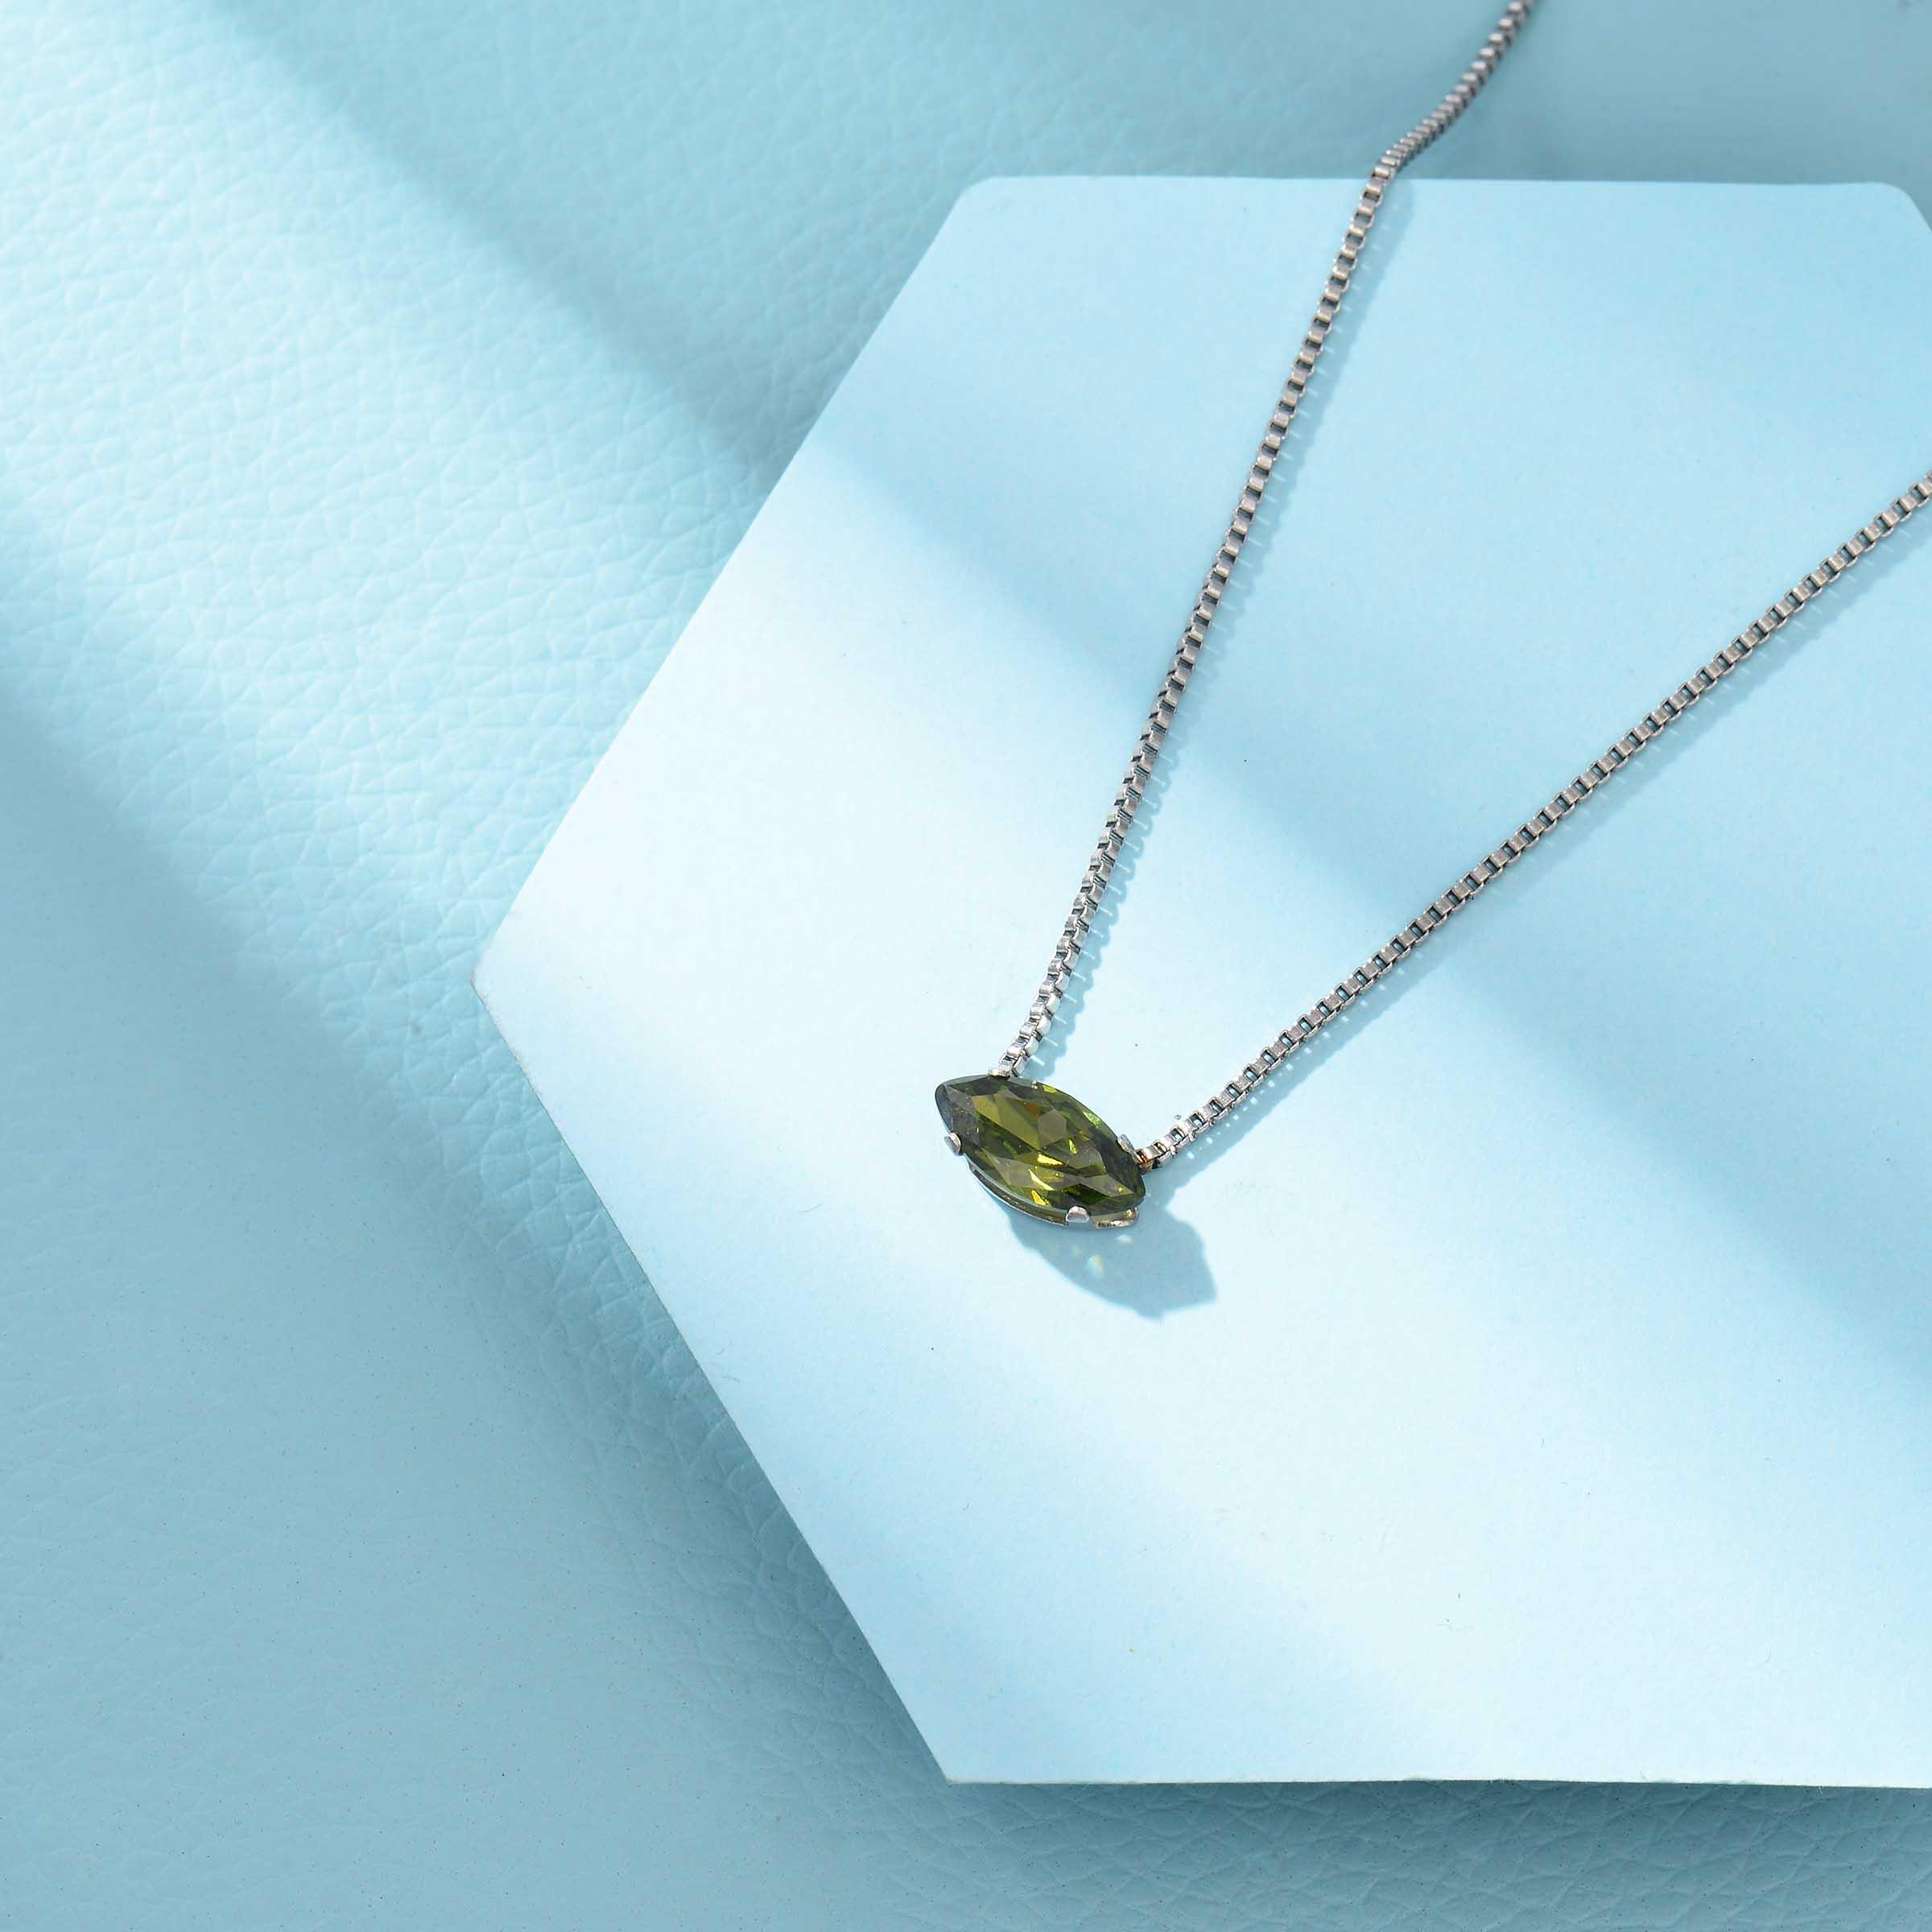 Collares de Acero Inoxidable para Mujer al por Mayor -SSNEG143-33855